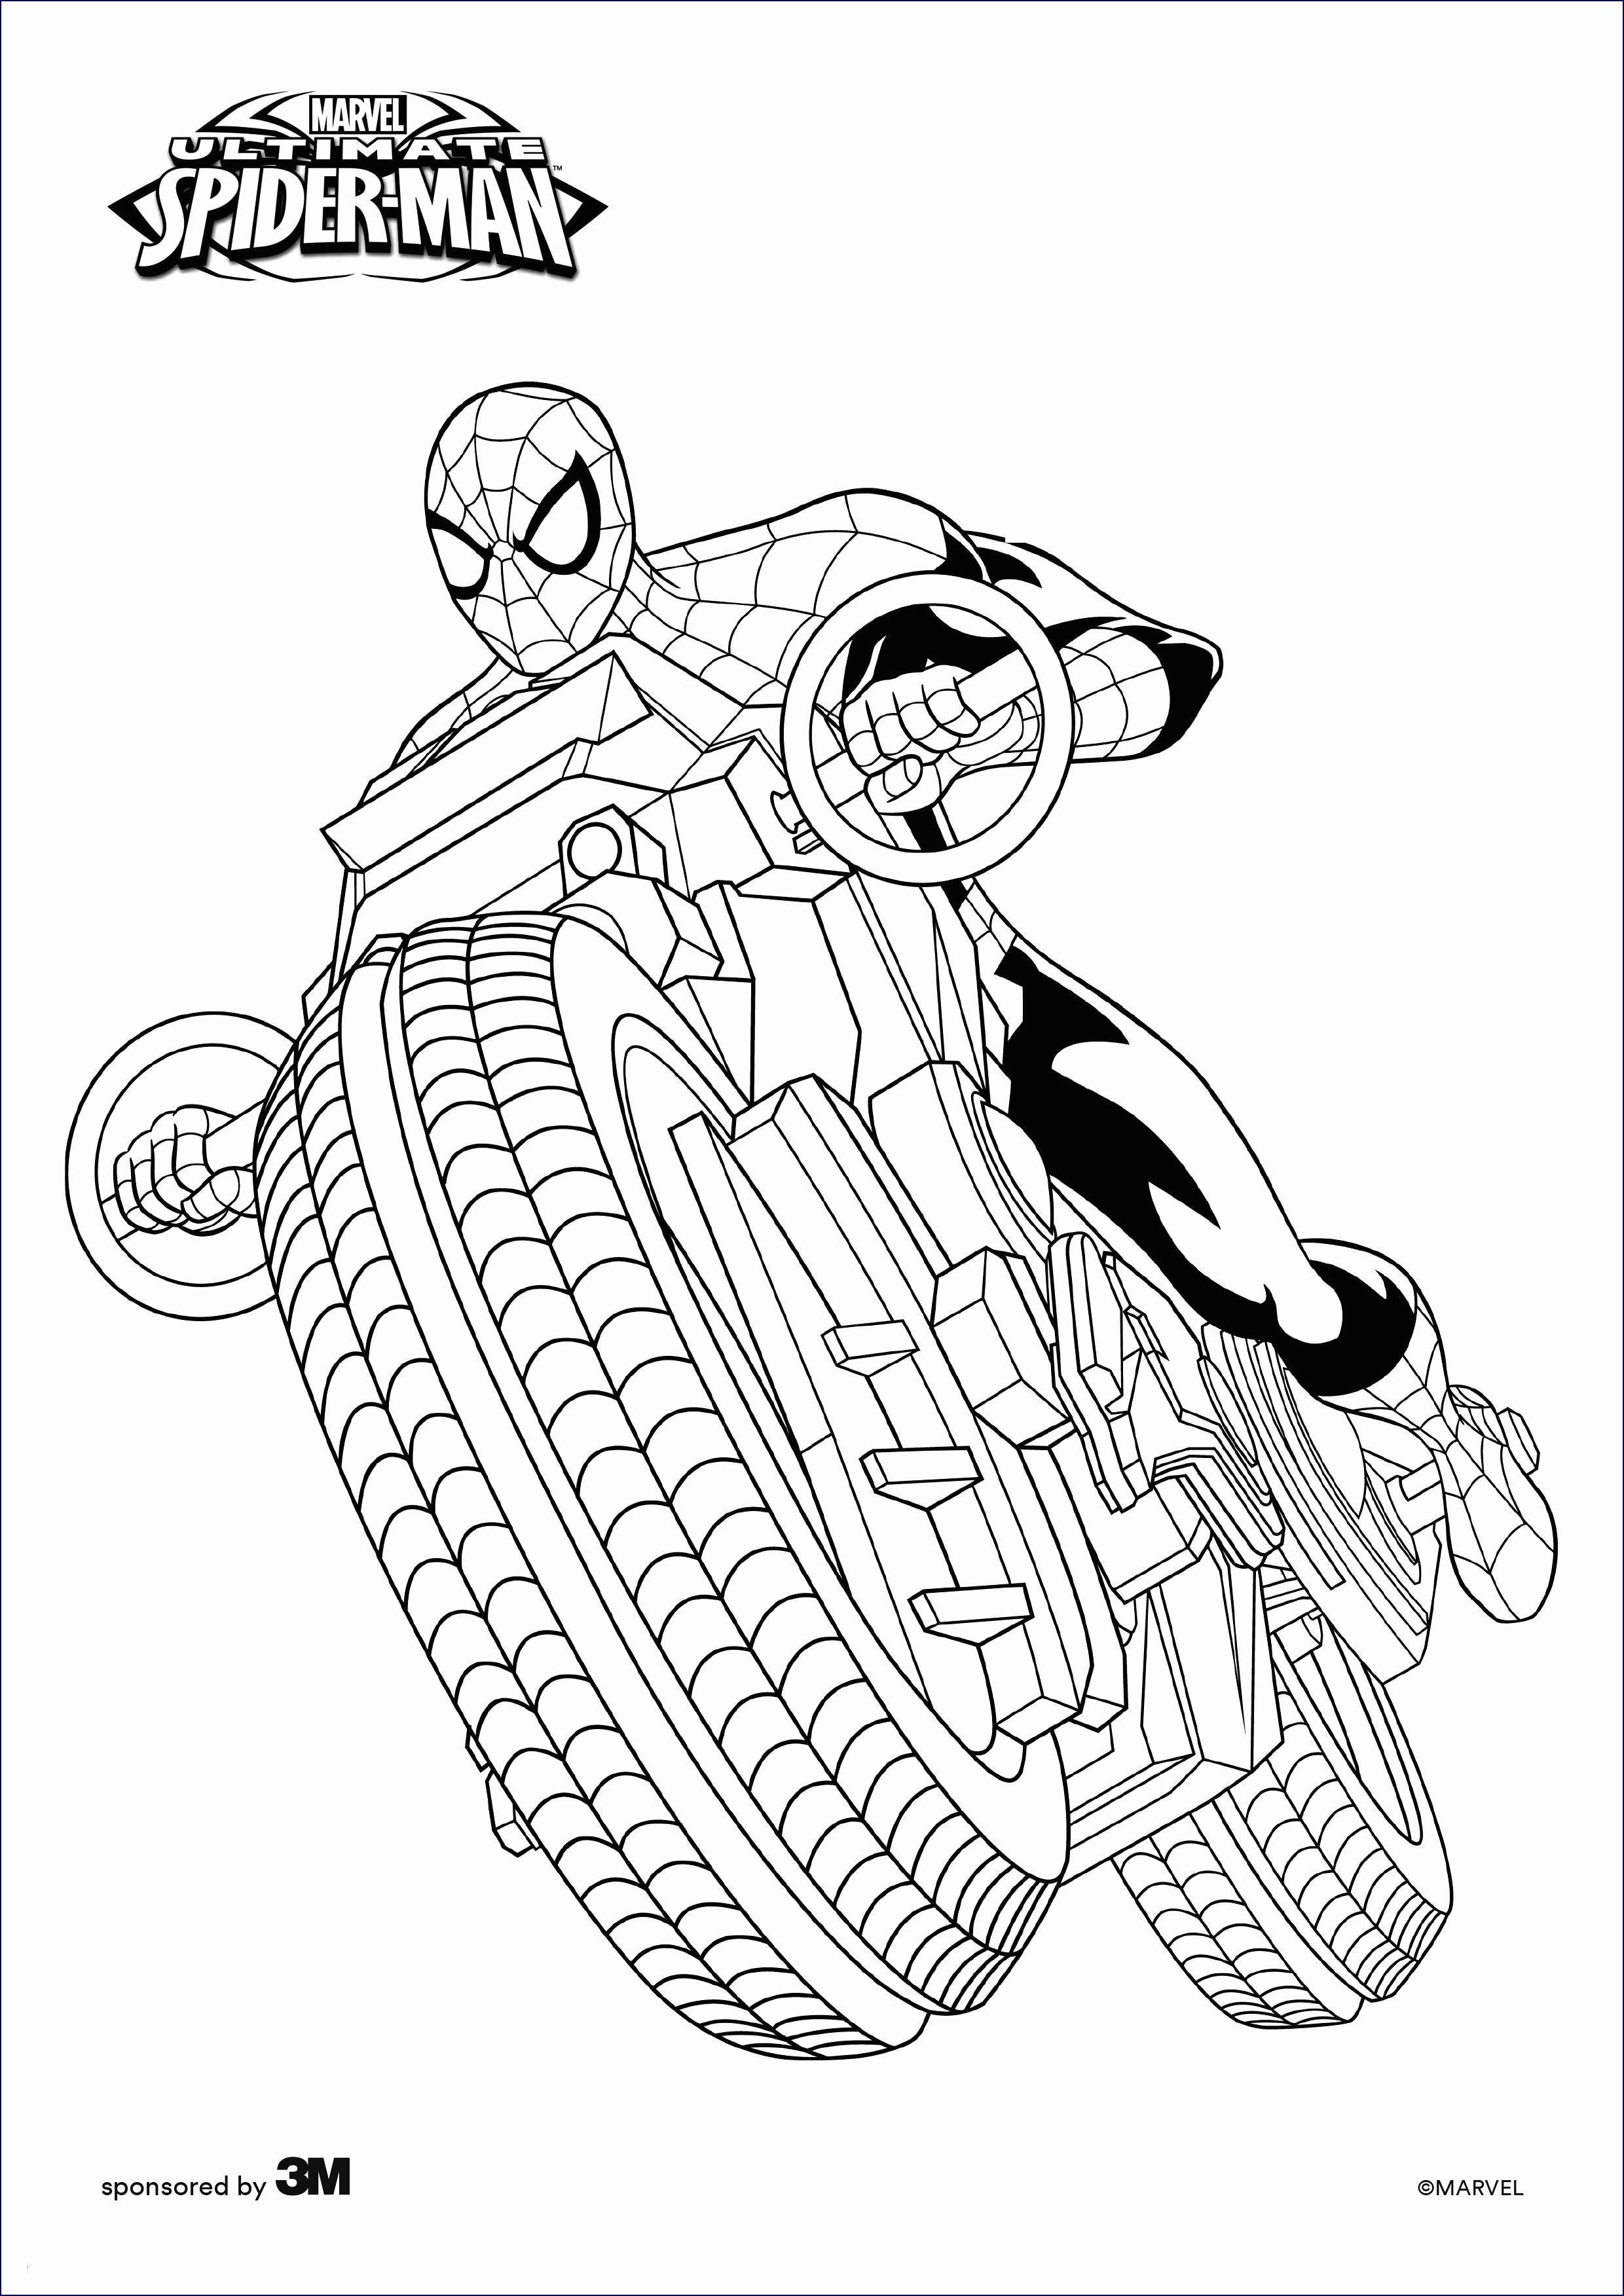 Arlo Und Spot Ausmalbilder Inspirierend Ausmalbilder Iron Man Inspirierend Spiderman Ausmalbilder Zum Genial Fotografieren